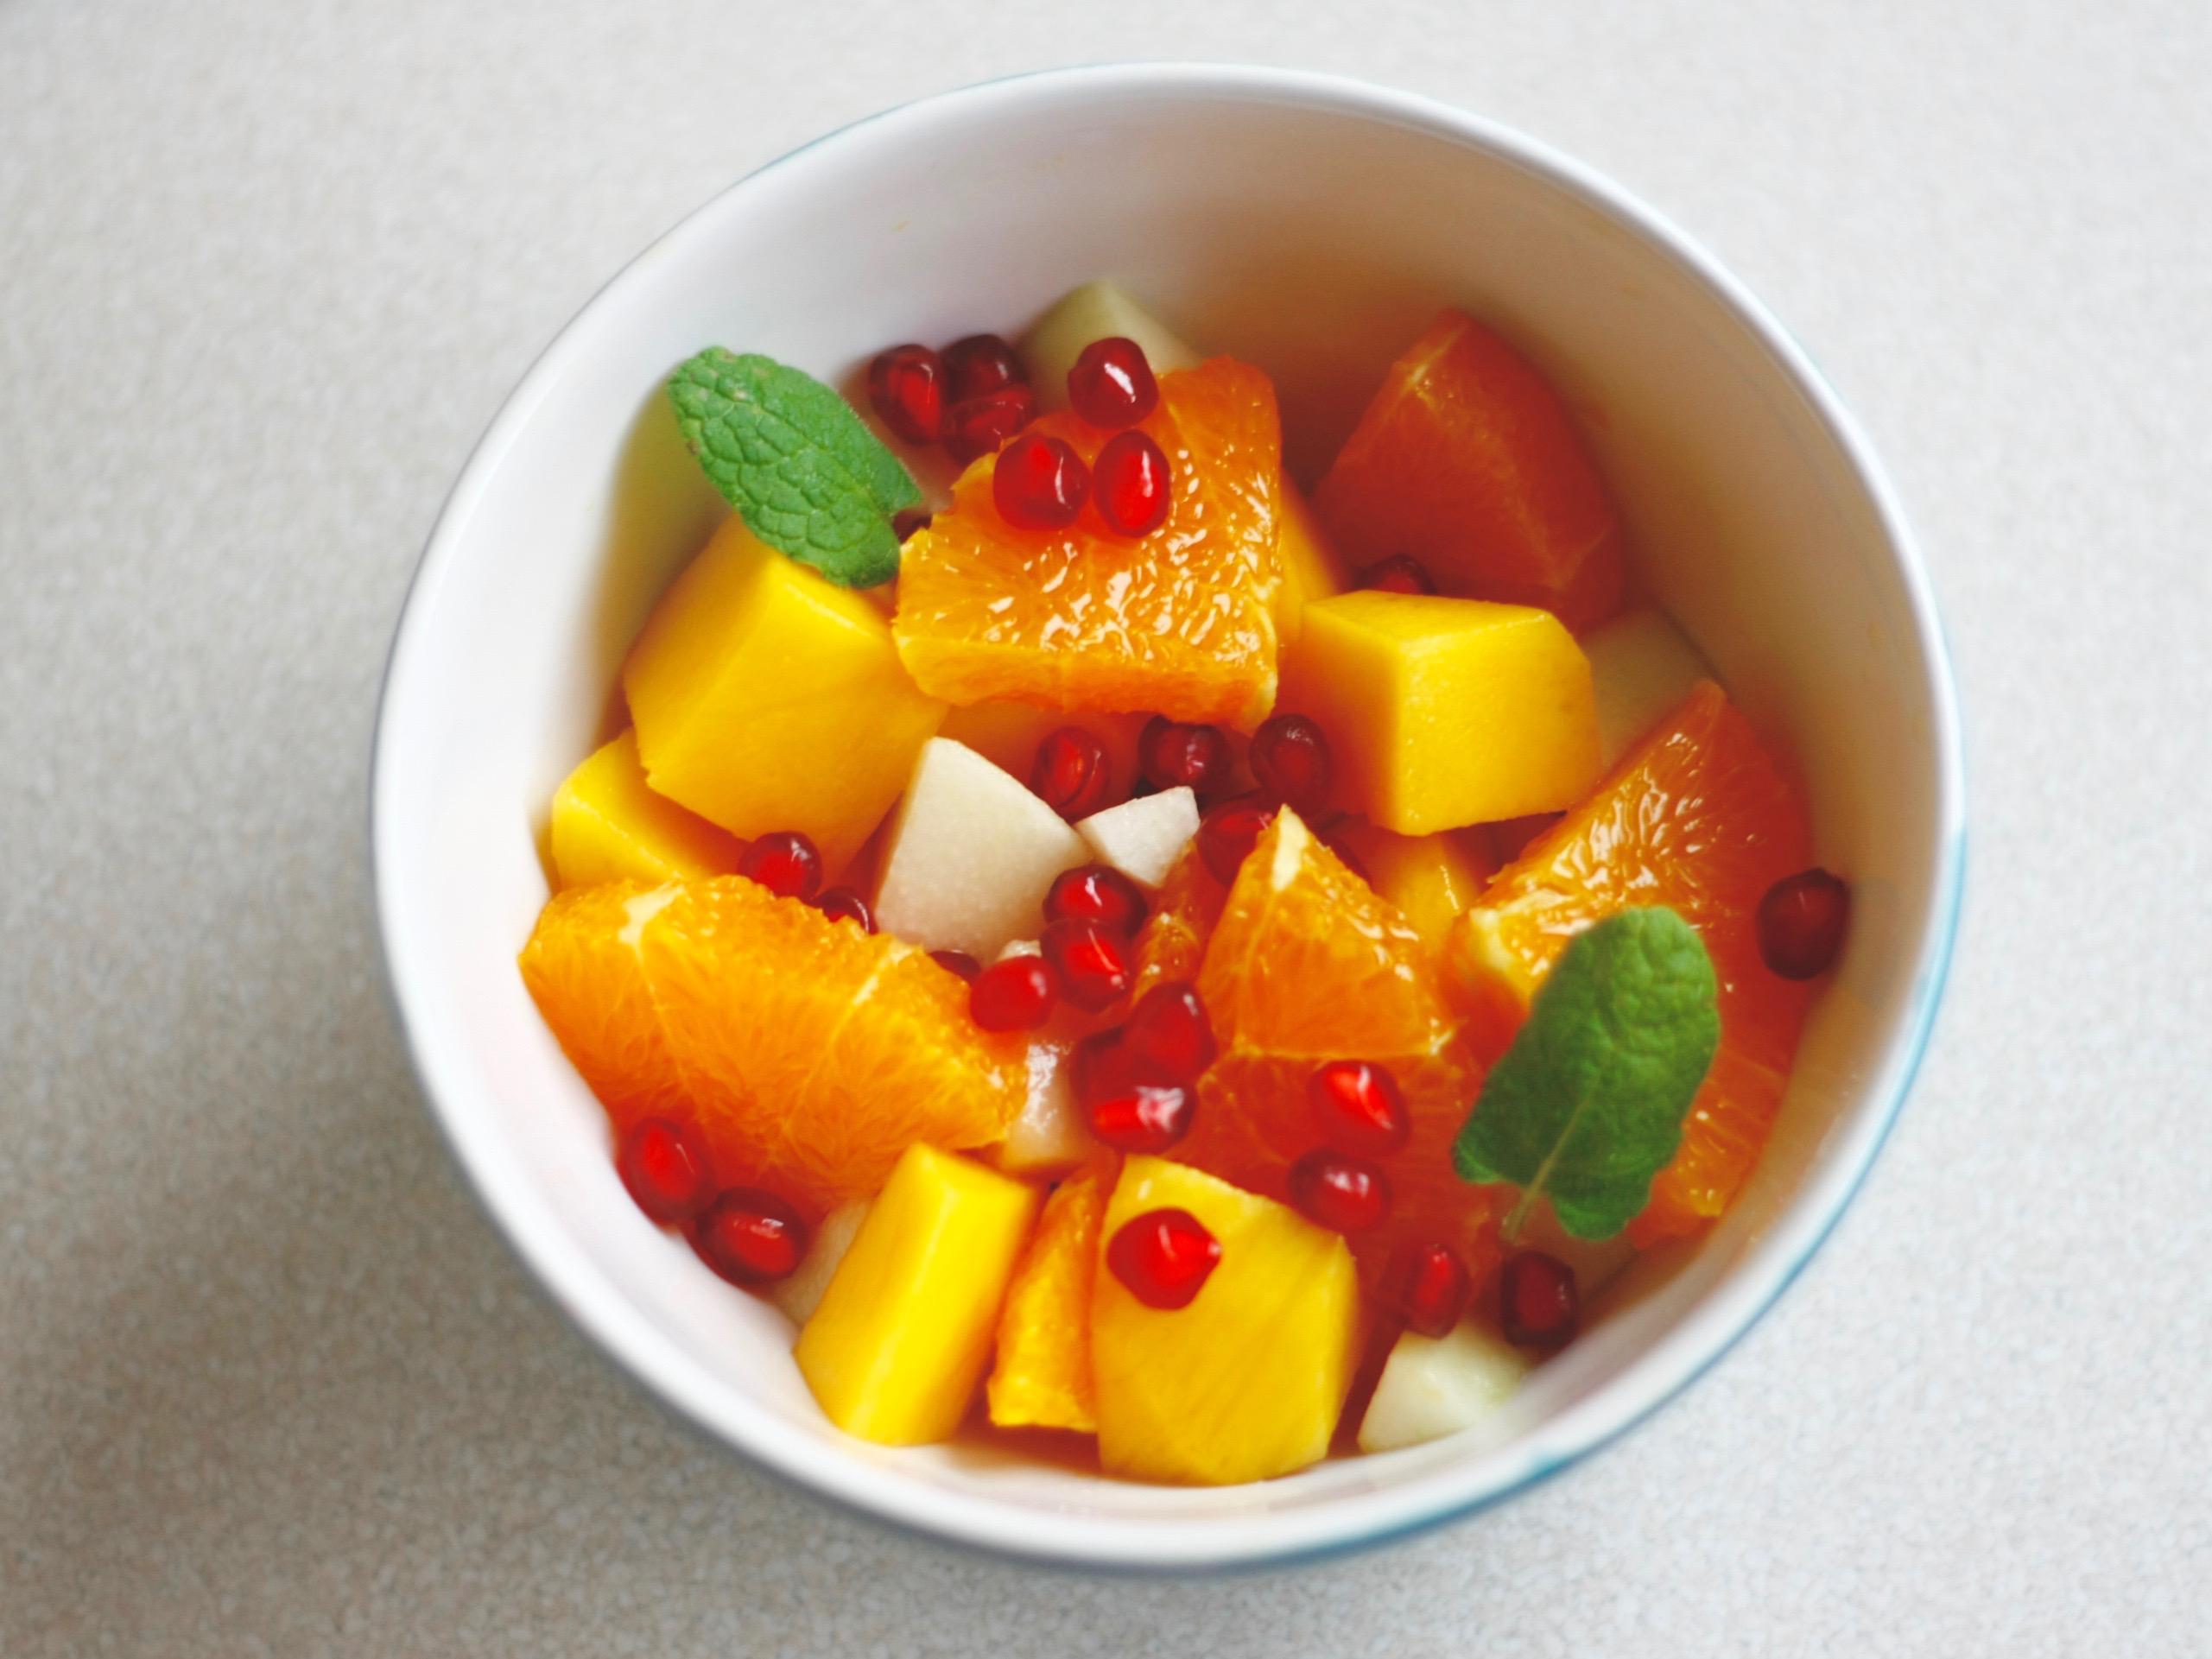 PODWIECZOREK - sałatka owocowa z mango